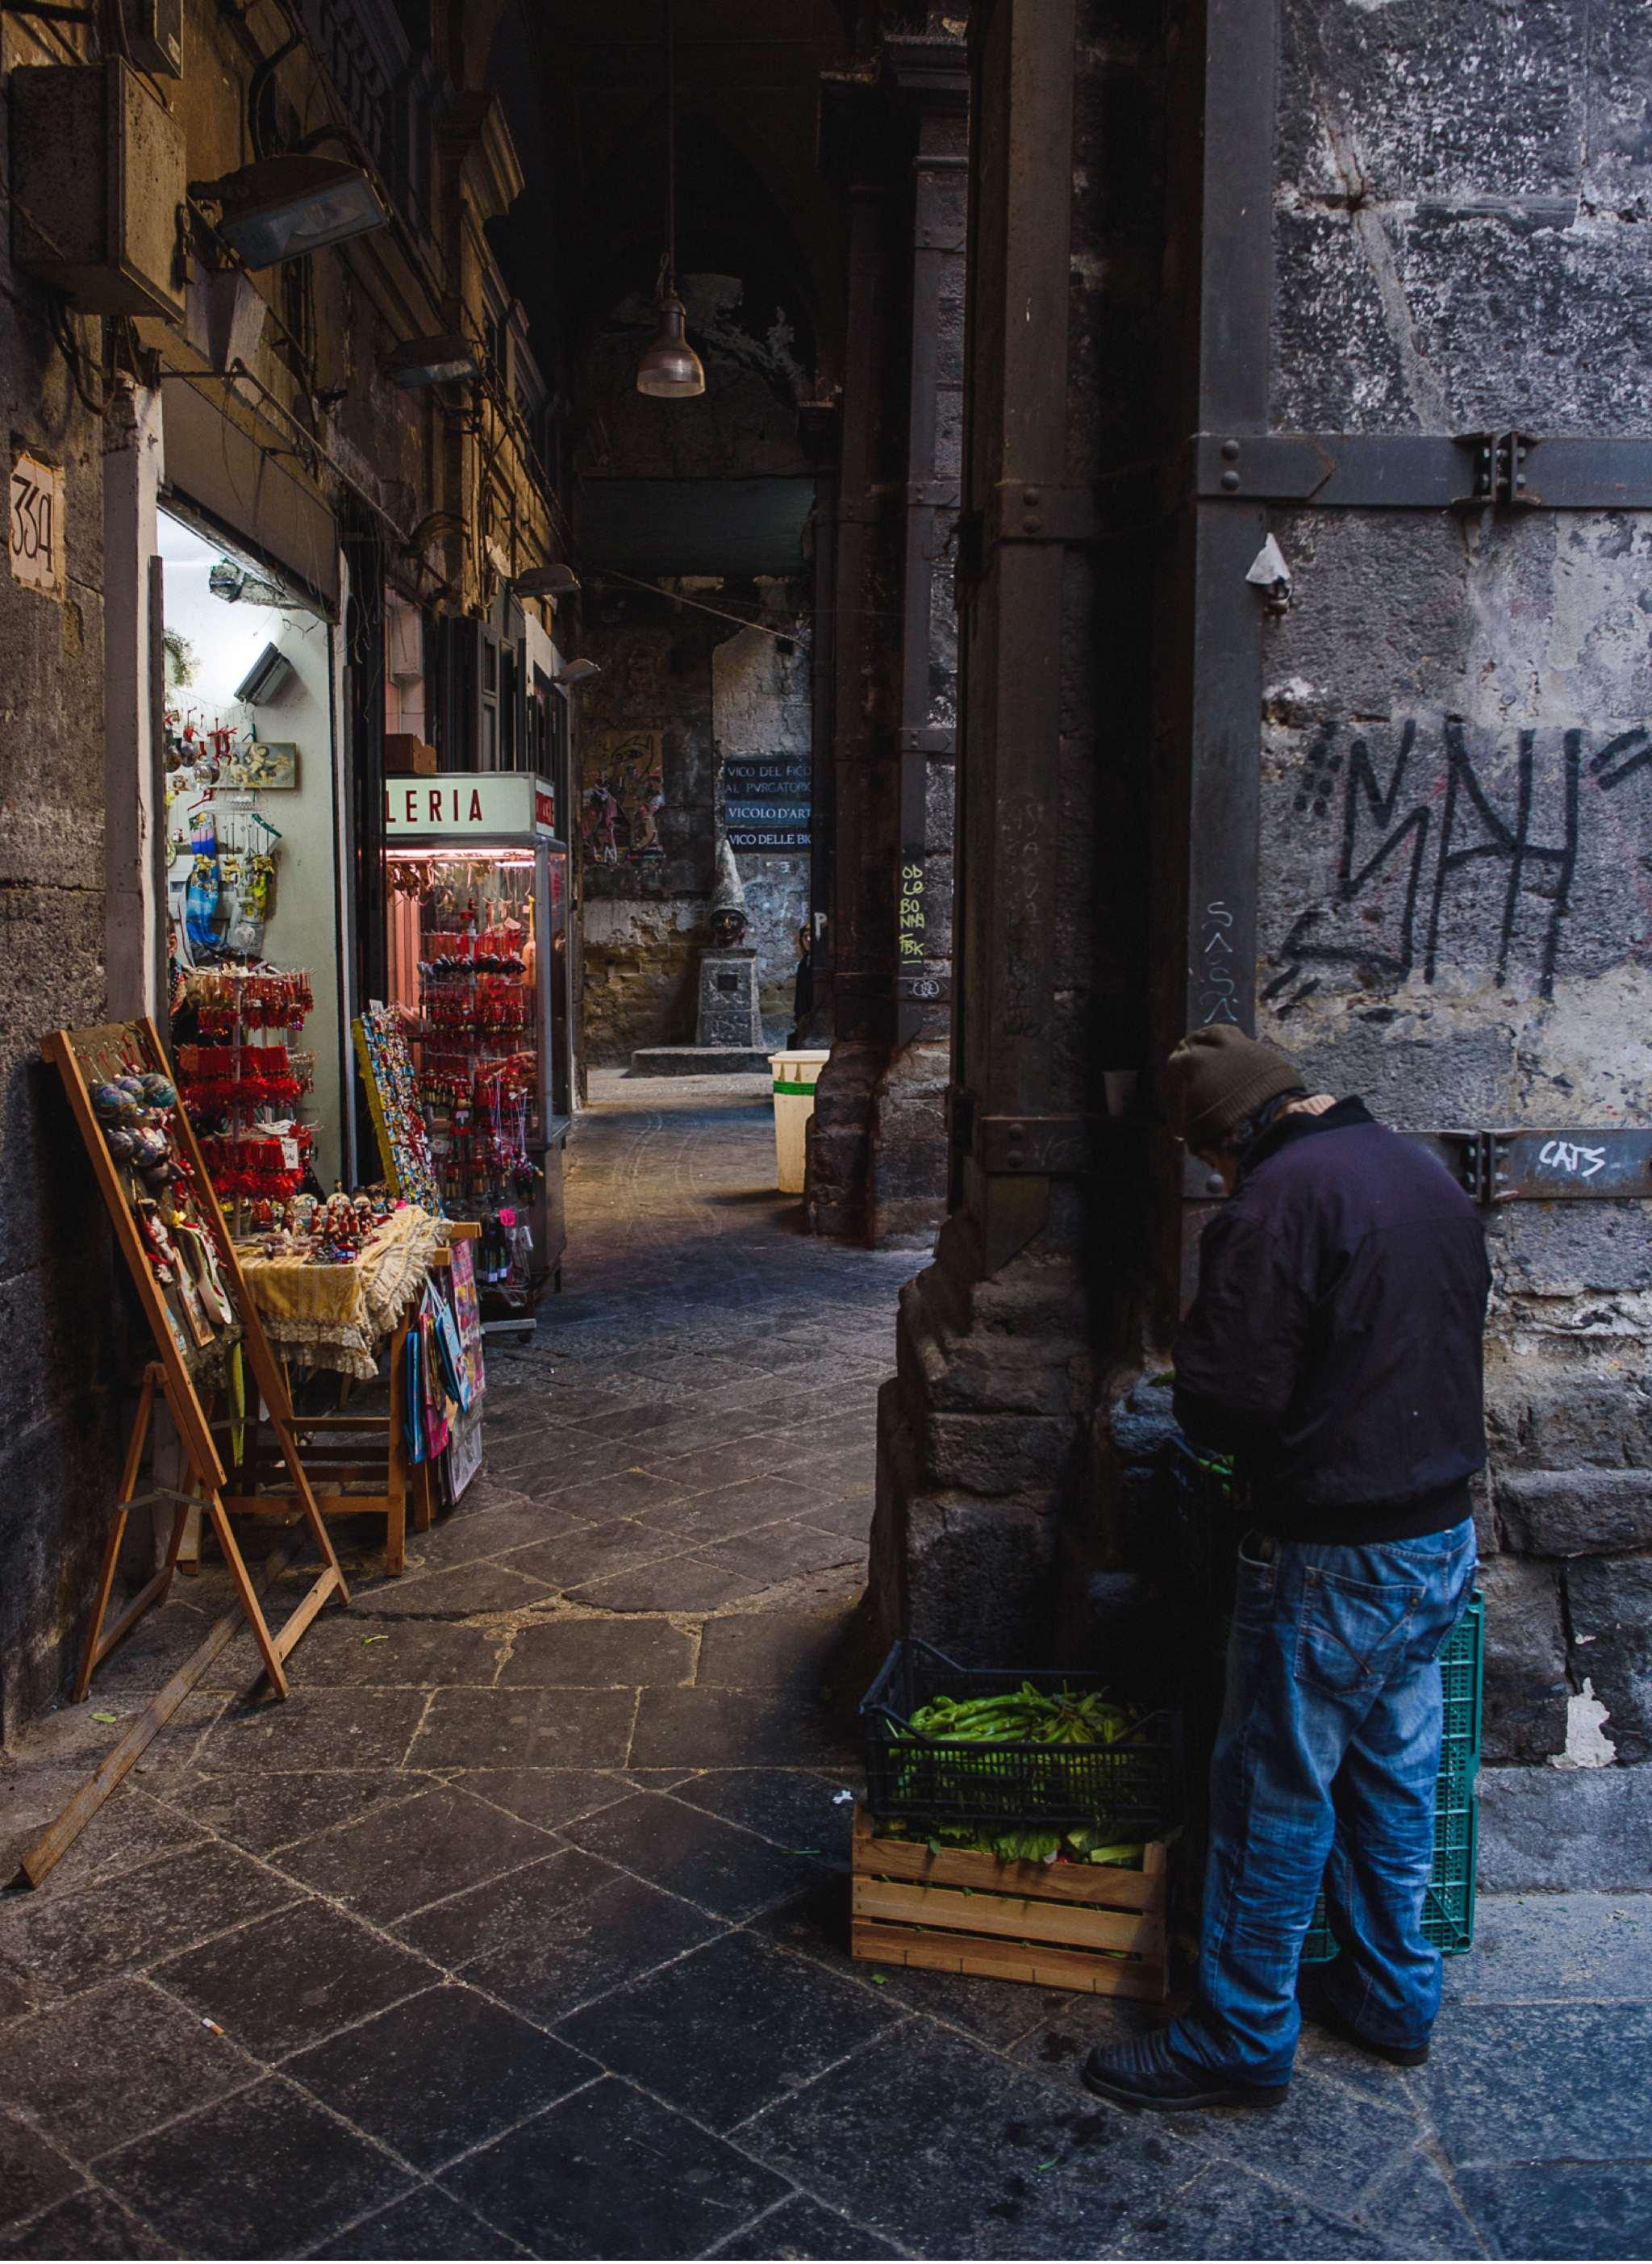 Interrail Reise - Italien Neapel - Geschichten von unterwegs - Foto Daniel Kempf-Seifried-23